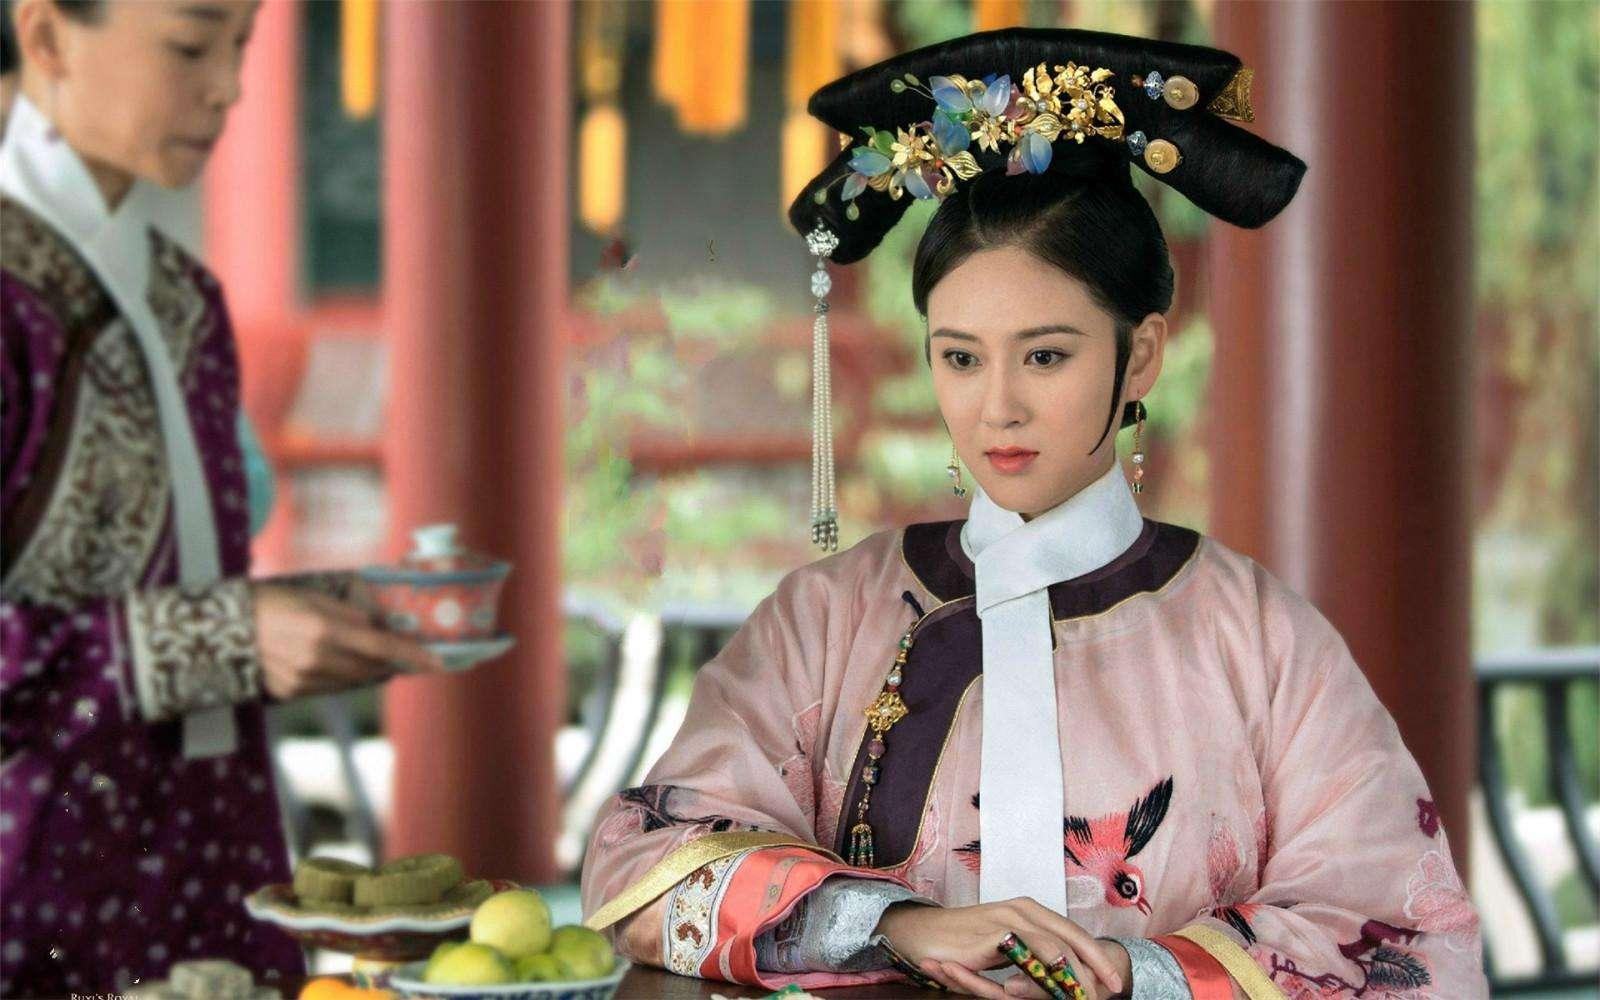 慈禧17岁入宫,23岁成贵妃,6年内连升4级,她到底用了什么伎俩